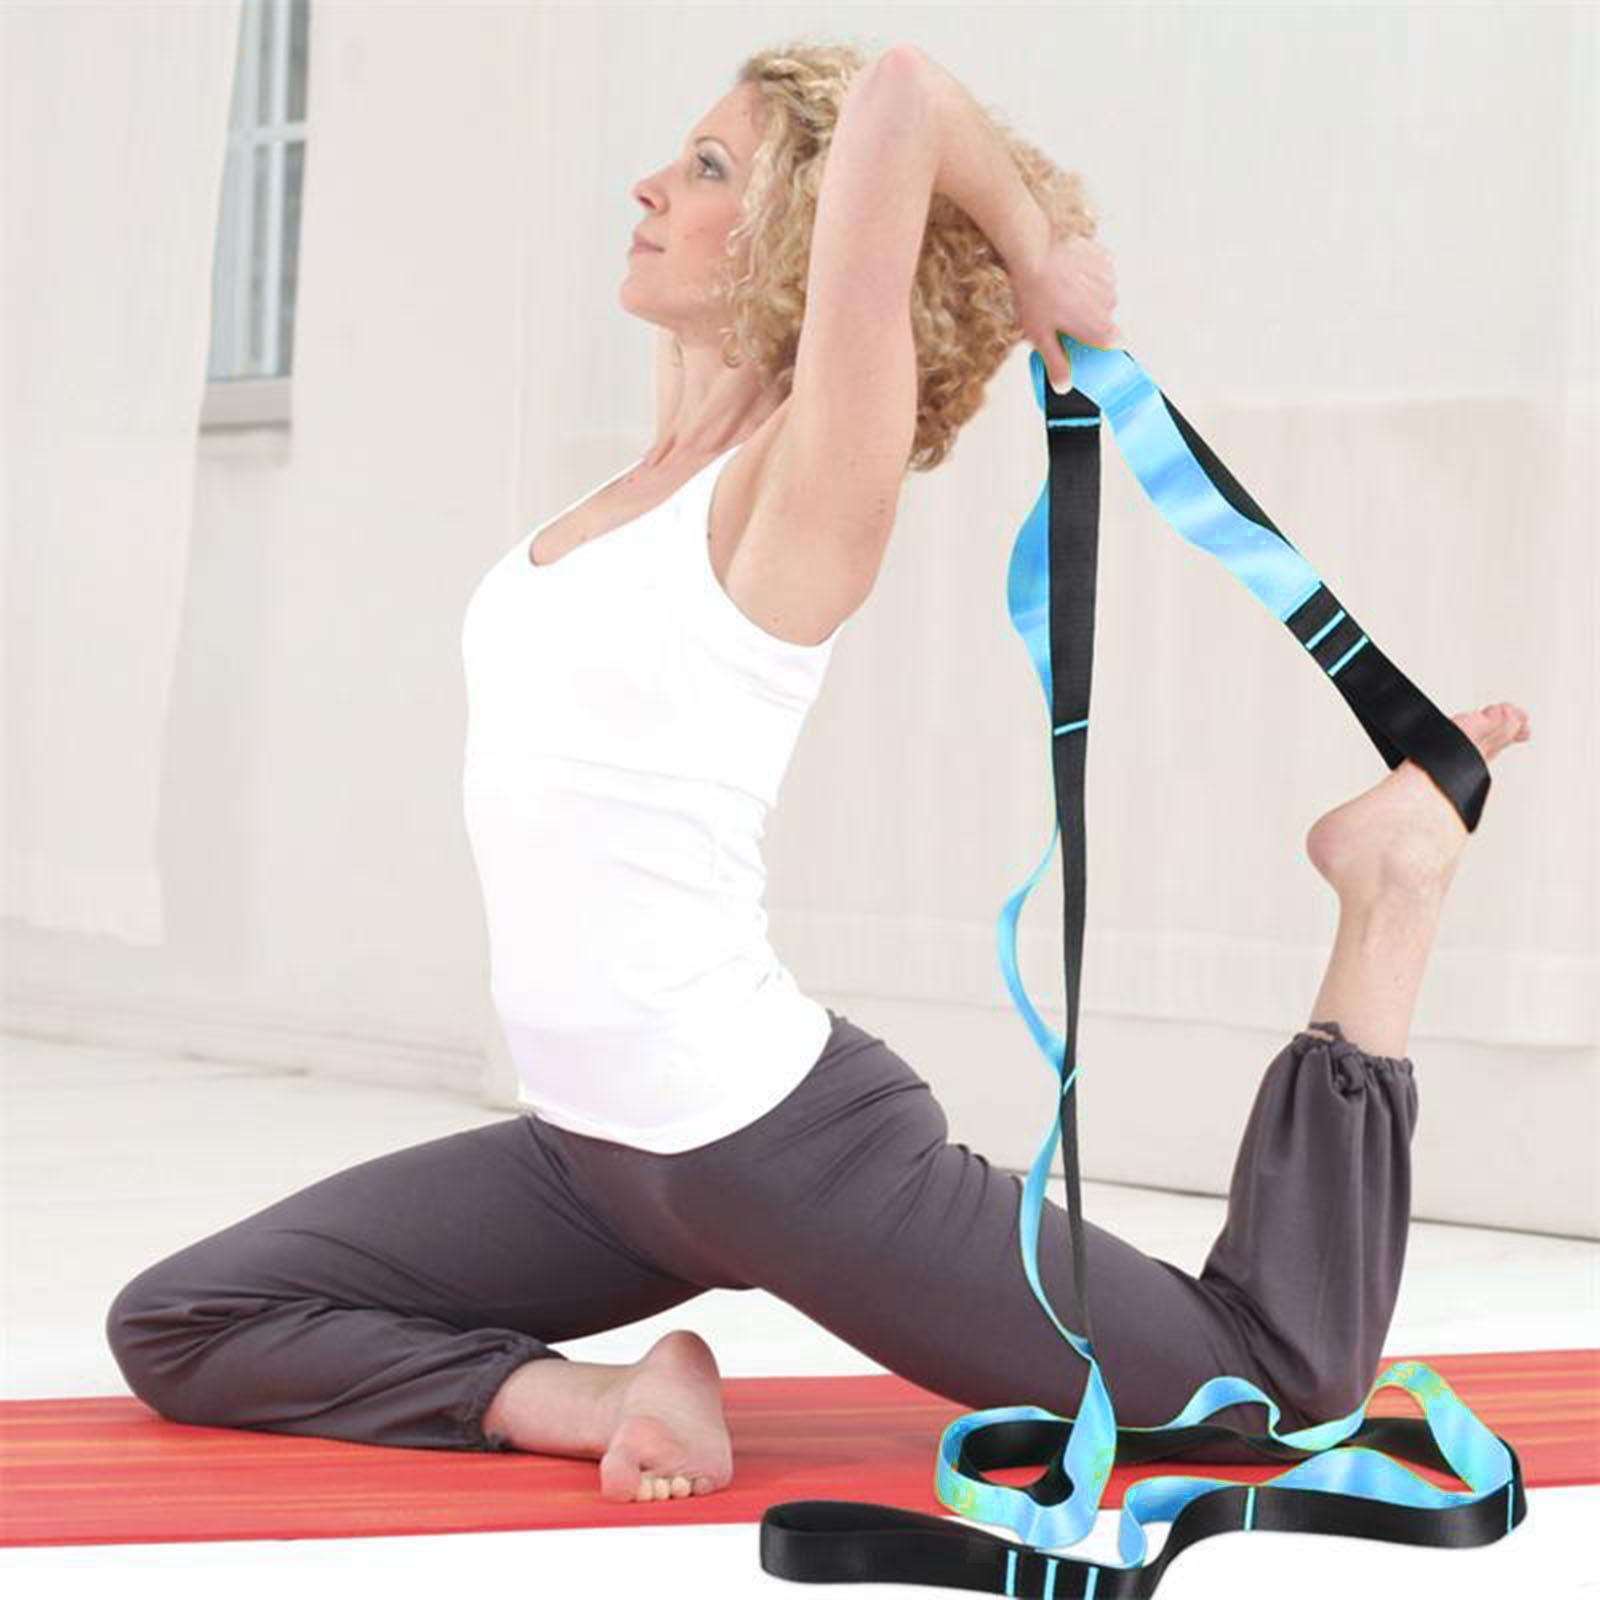 miniatura 6 - Pierna camilla yoga Stretch Strap Latin Dance Gymnastic pull cinturón flexibilidad